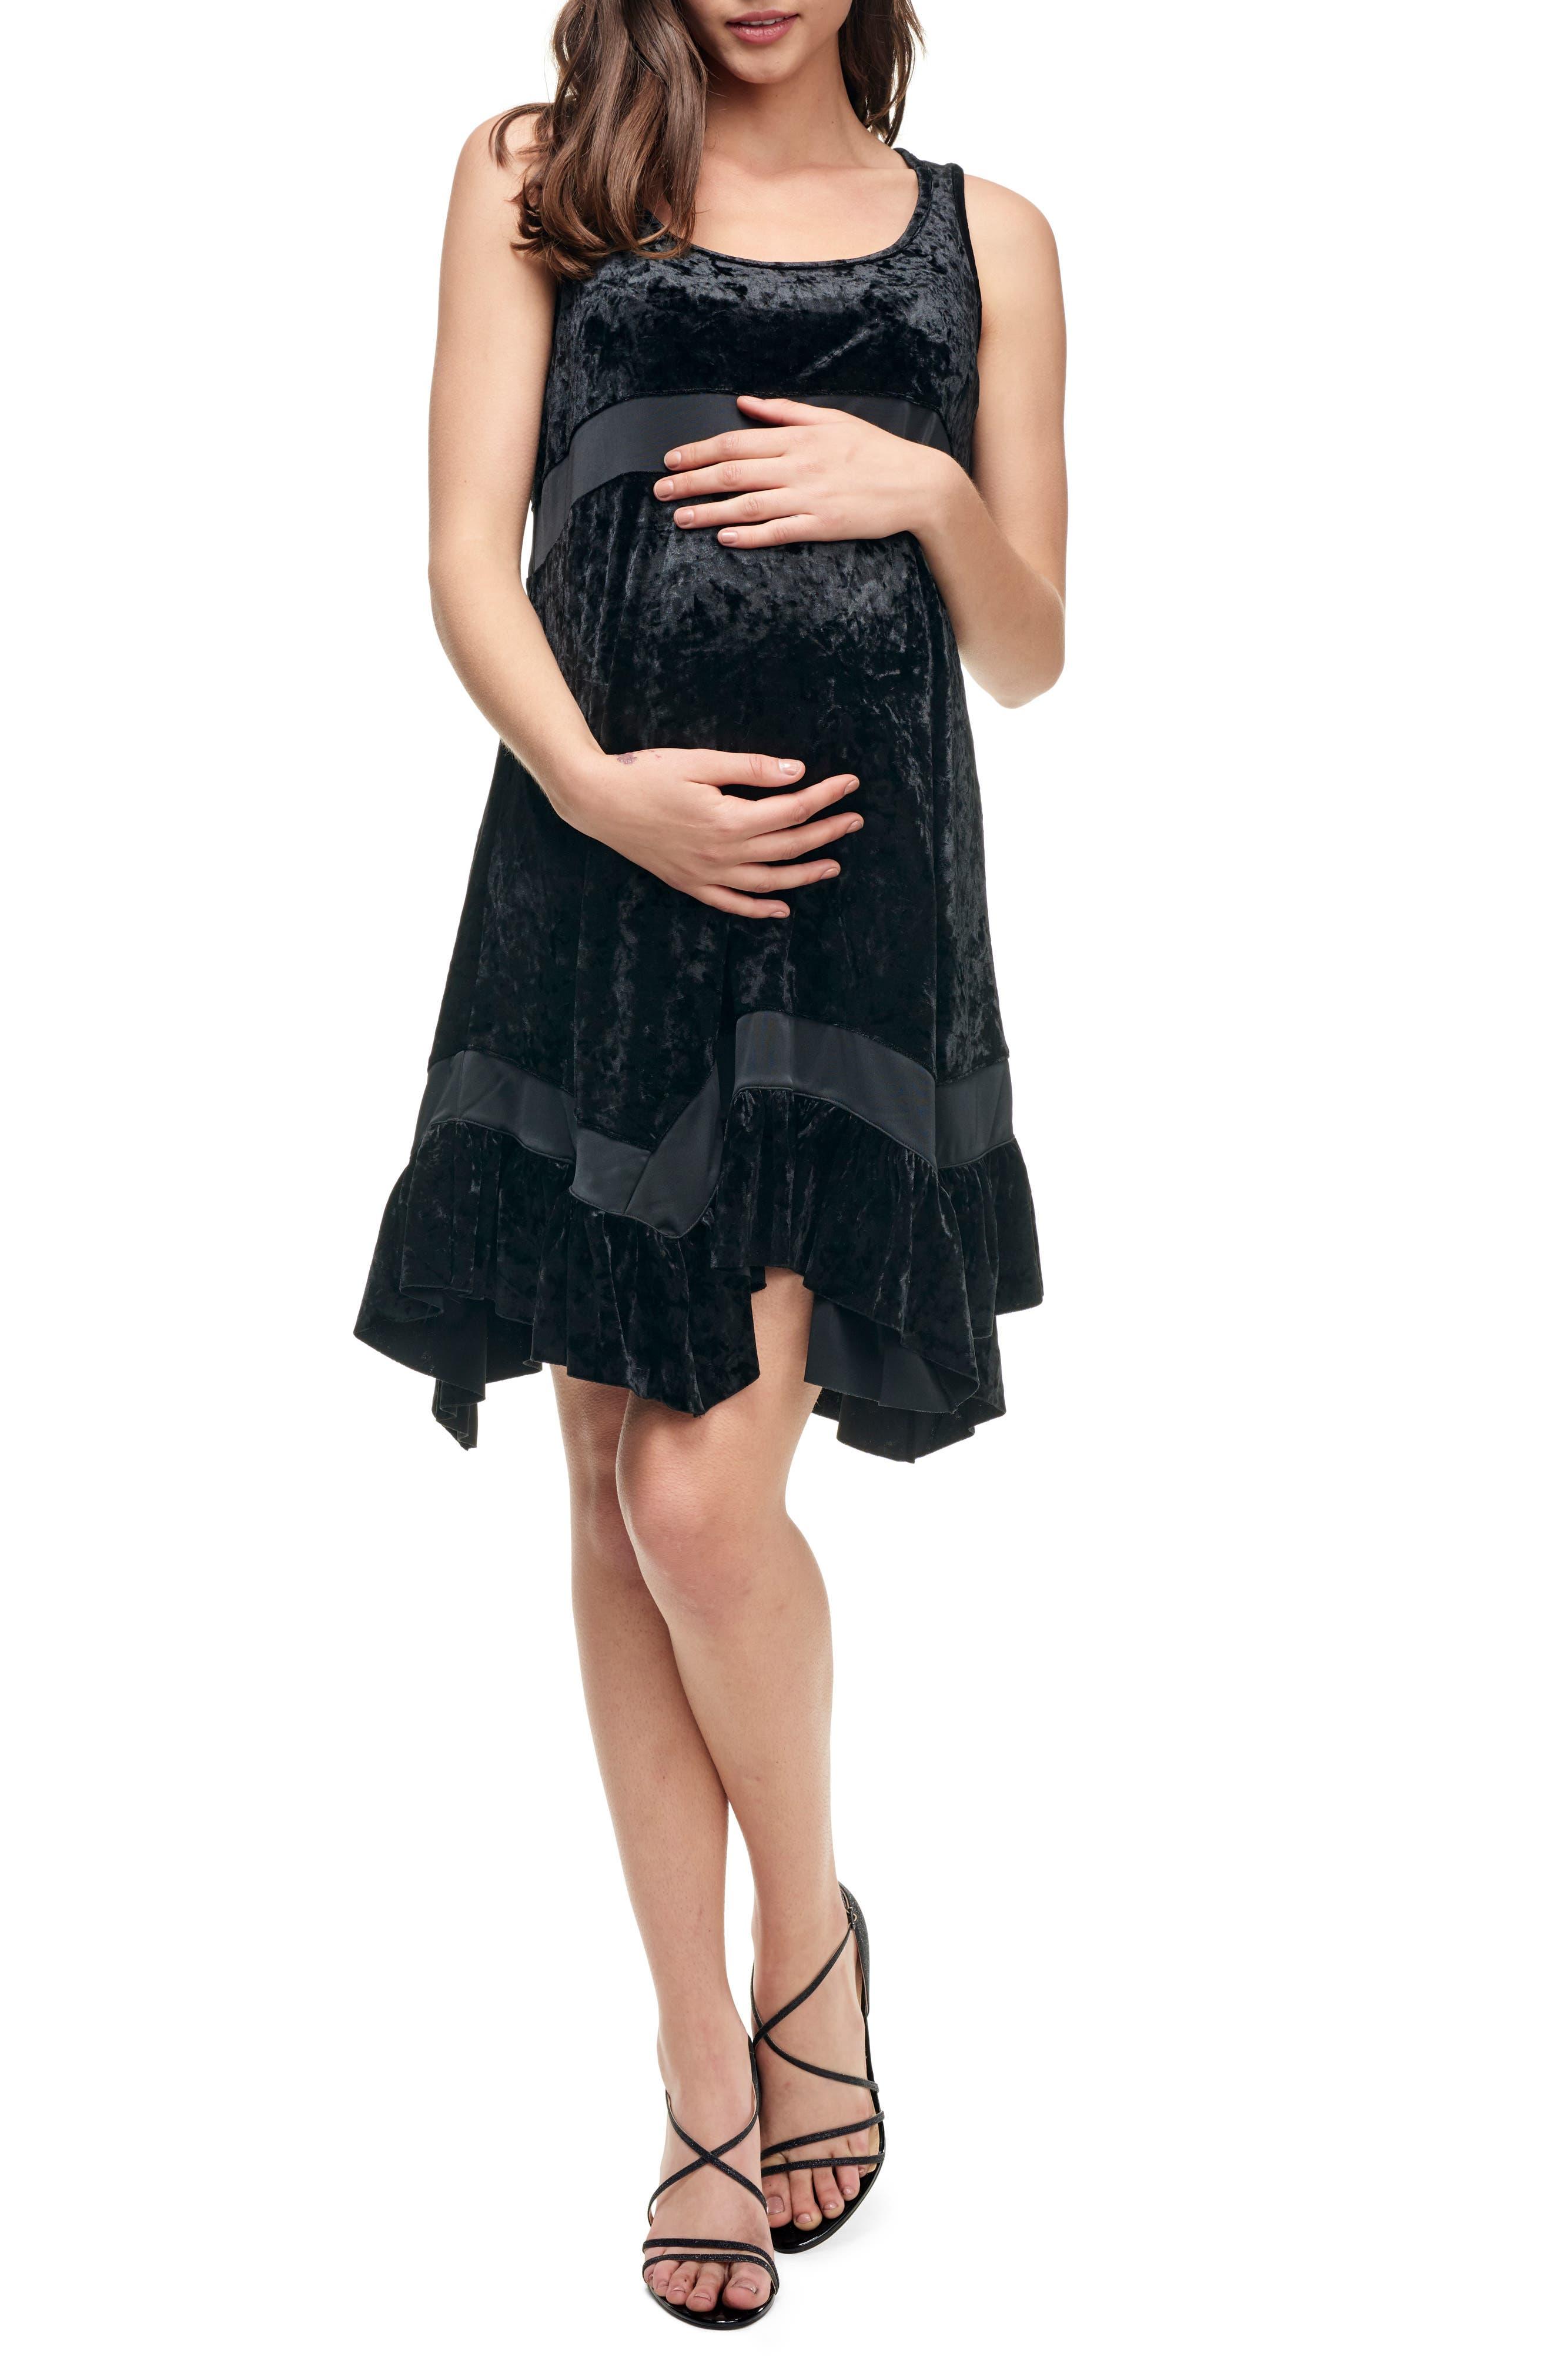 MATERNAL AMERICA, Maternity Babydoll Dress, Main thumbnail 1, color, VELVET BLACK